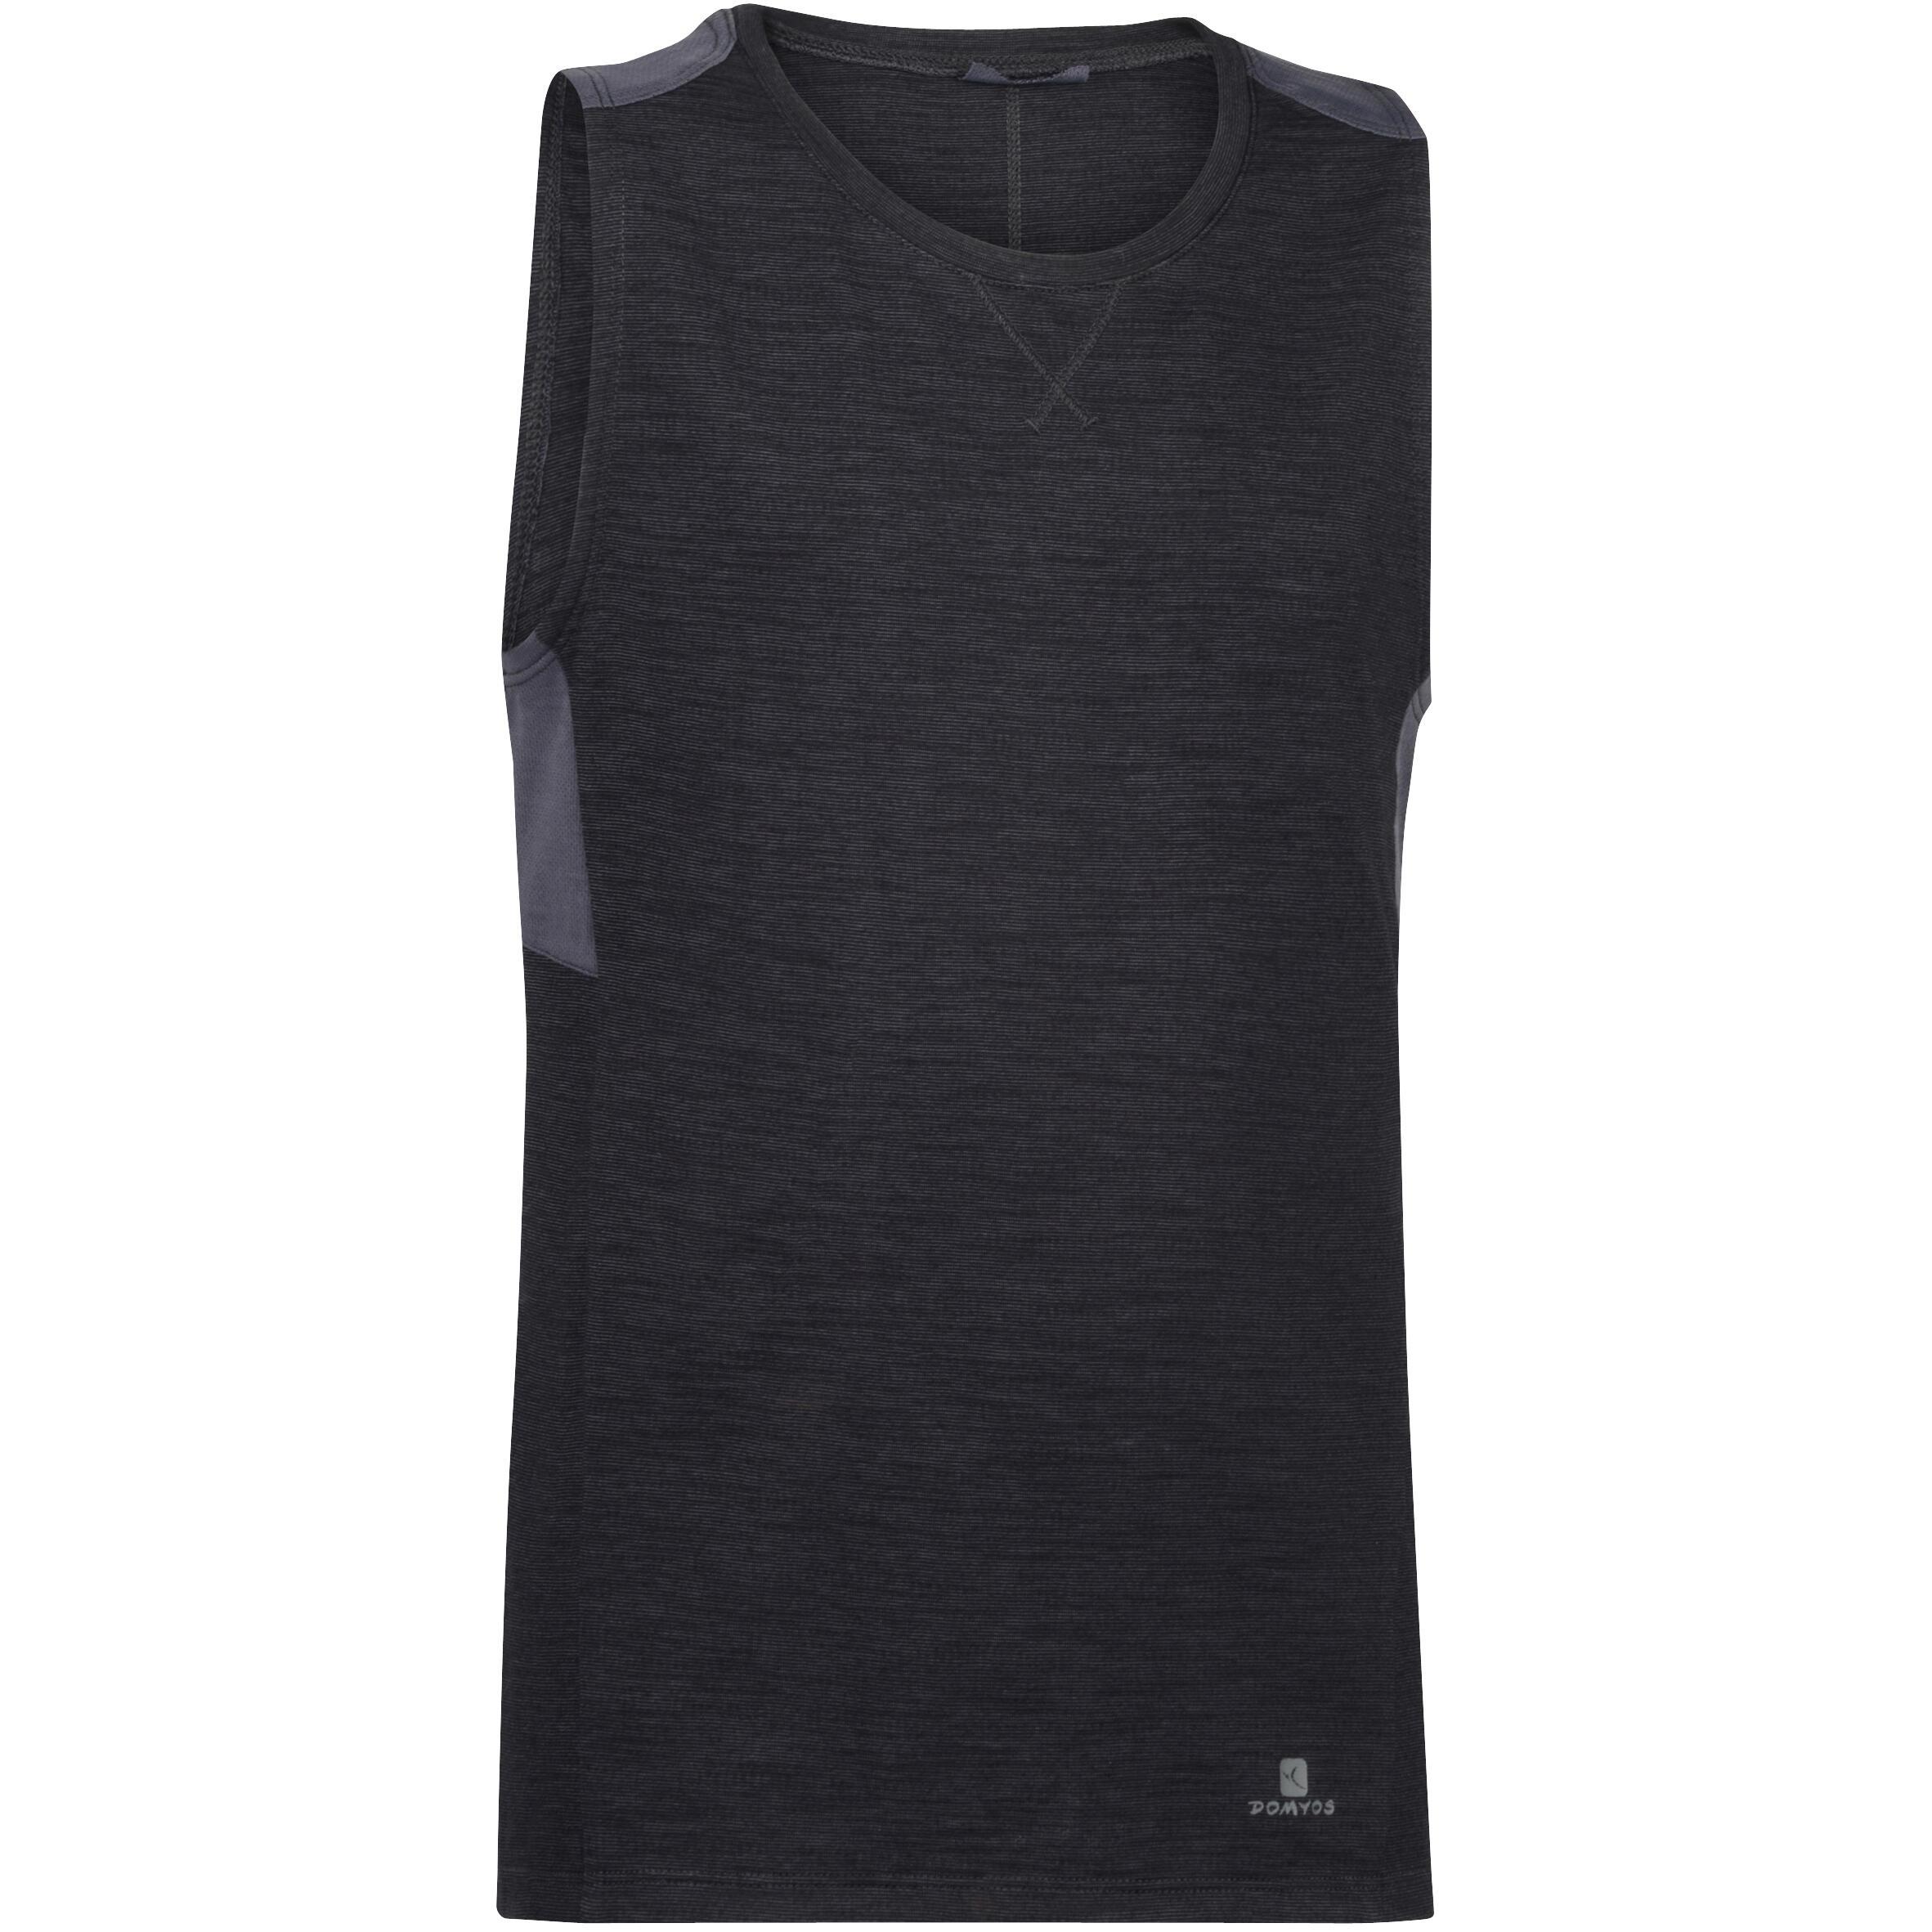 Domyos Mouwloos gymshirt 500 voor jongens zwart